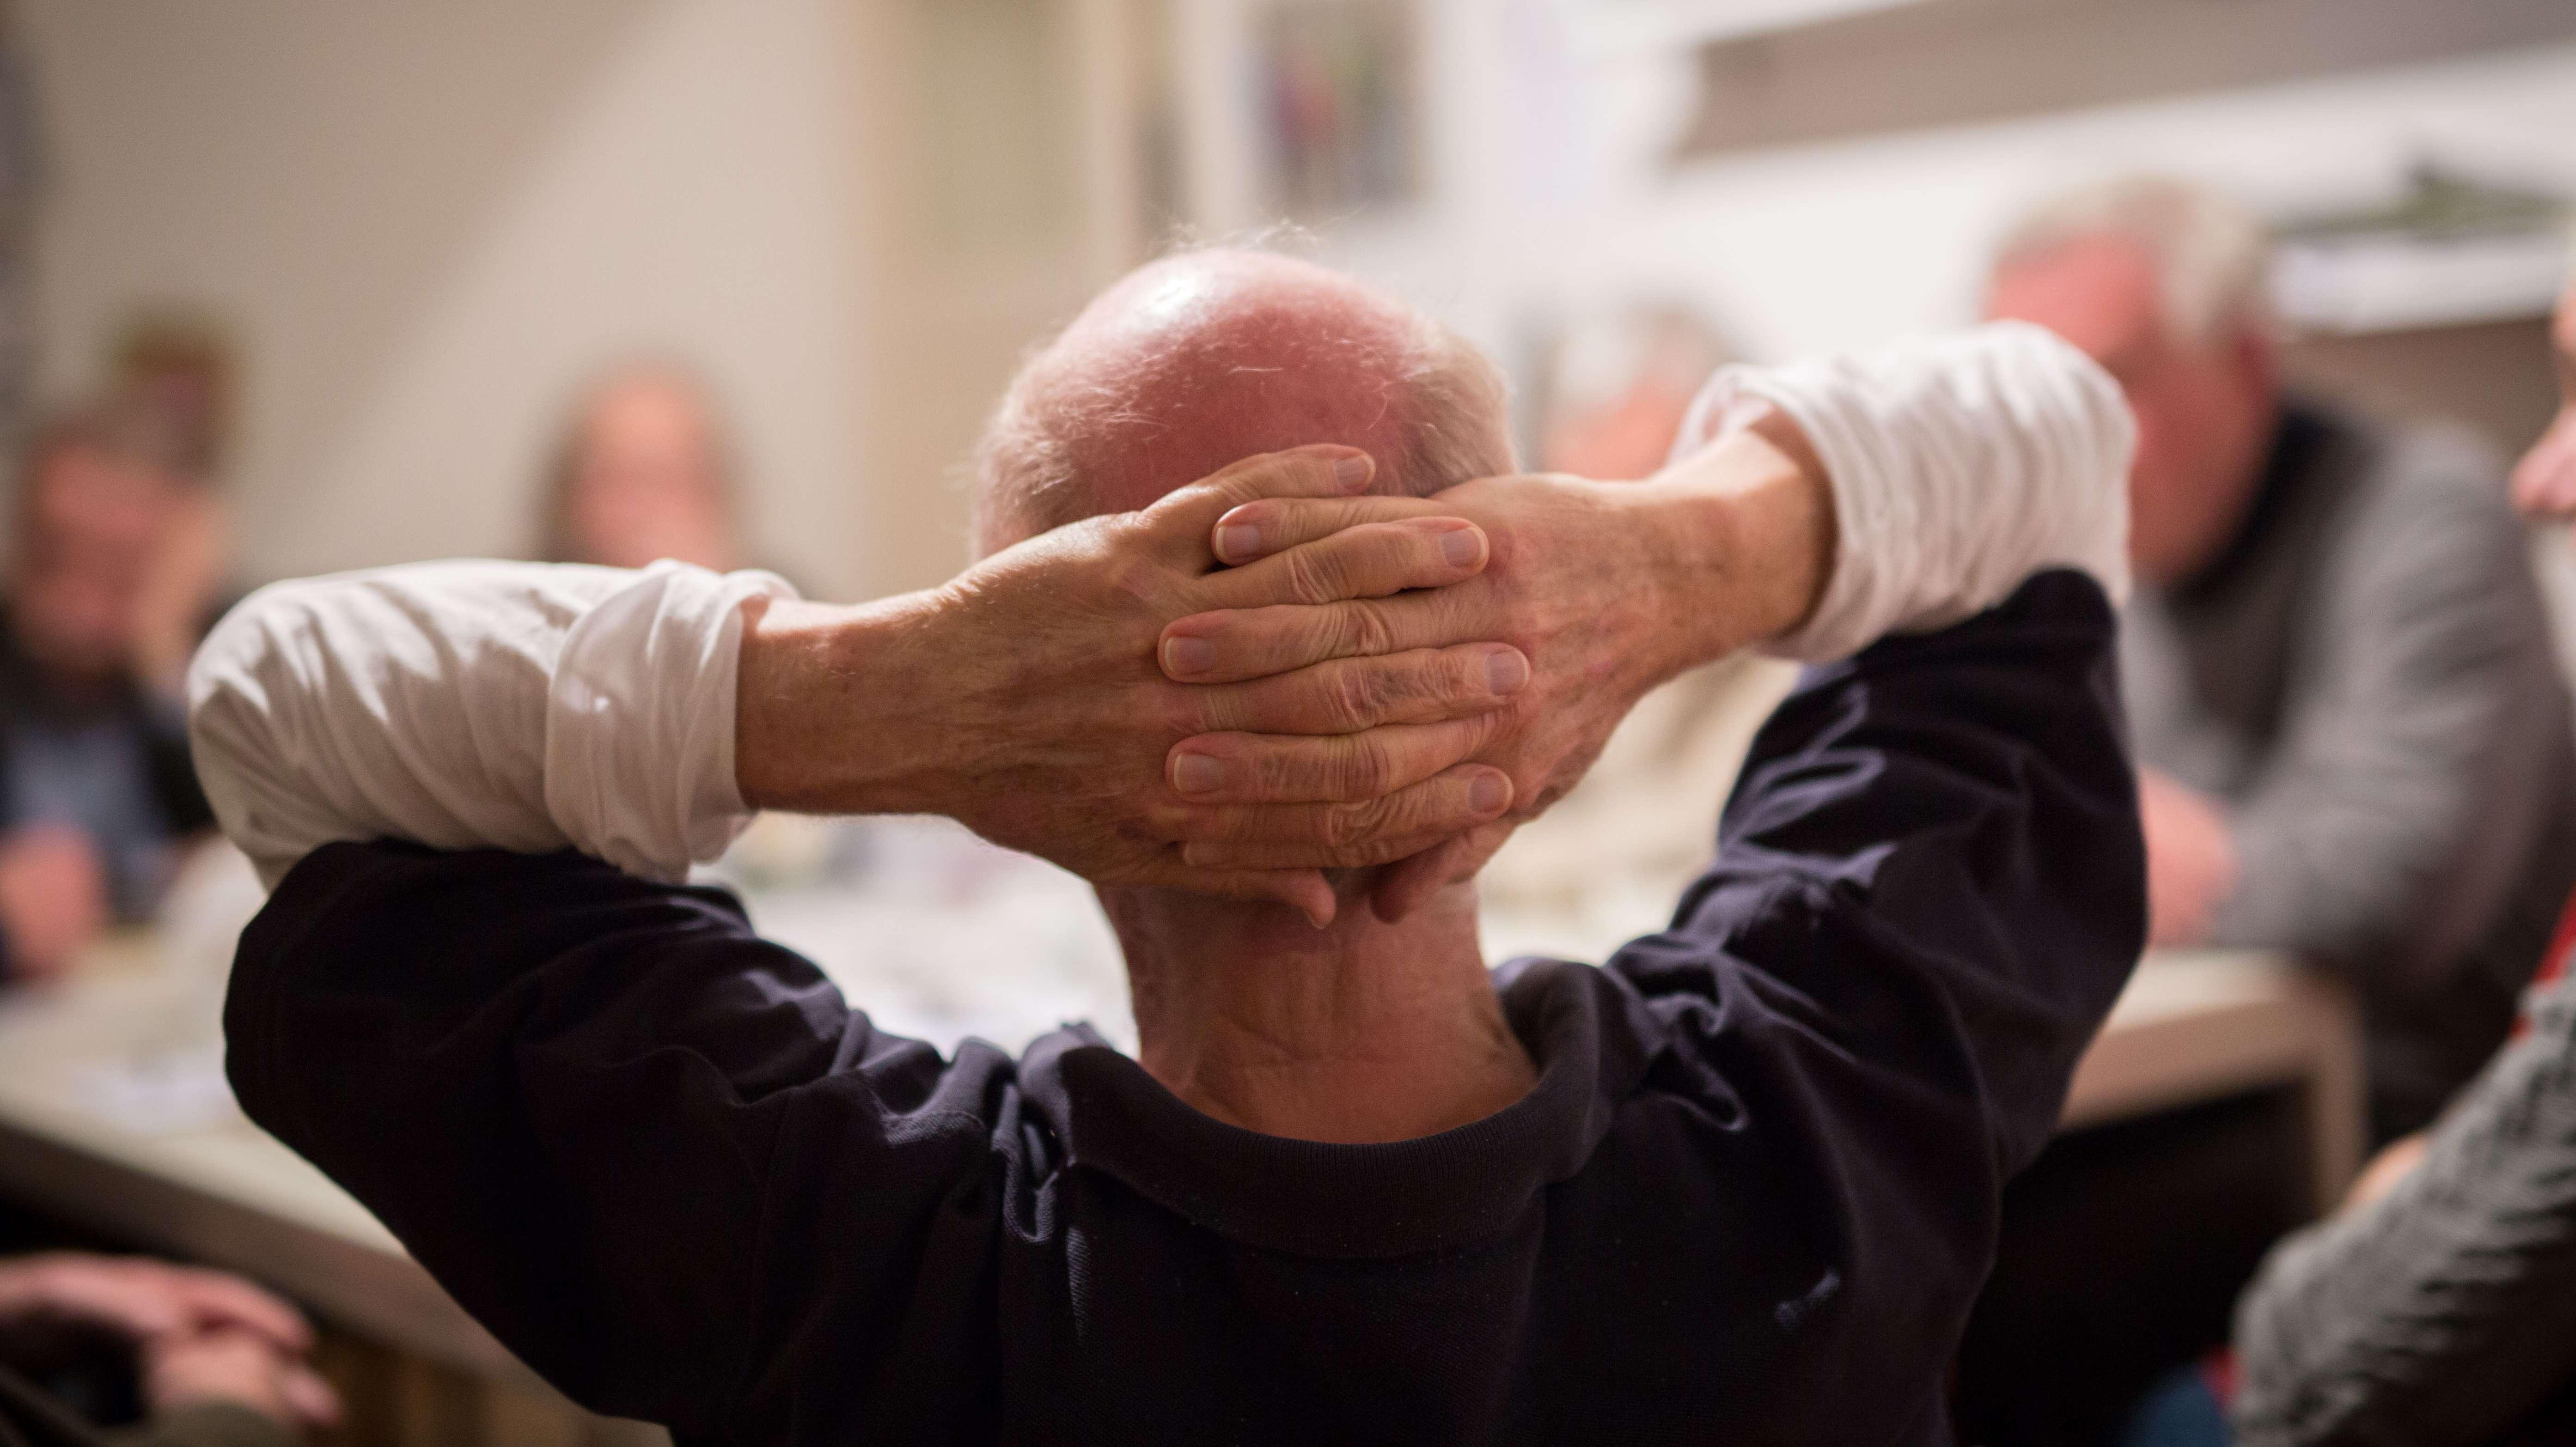 Symbolbild: Teilnehmer einer Selbsthilfegruppe für Parkinsonkranke